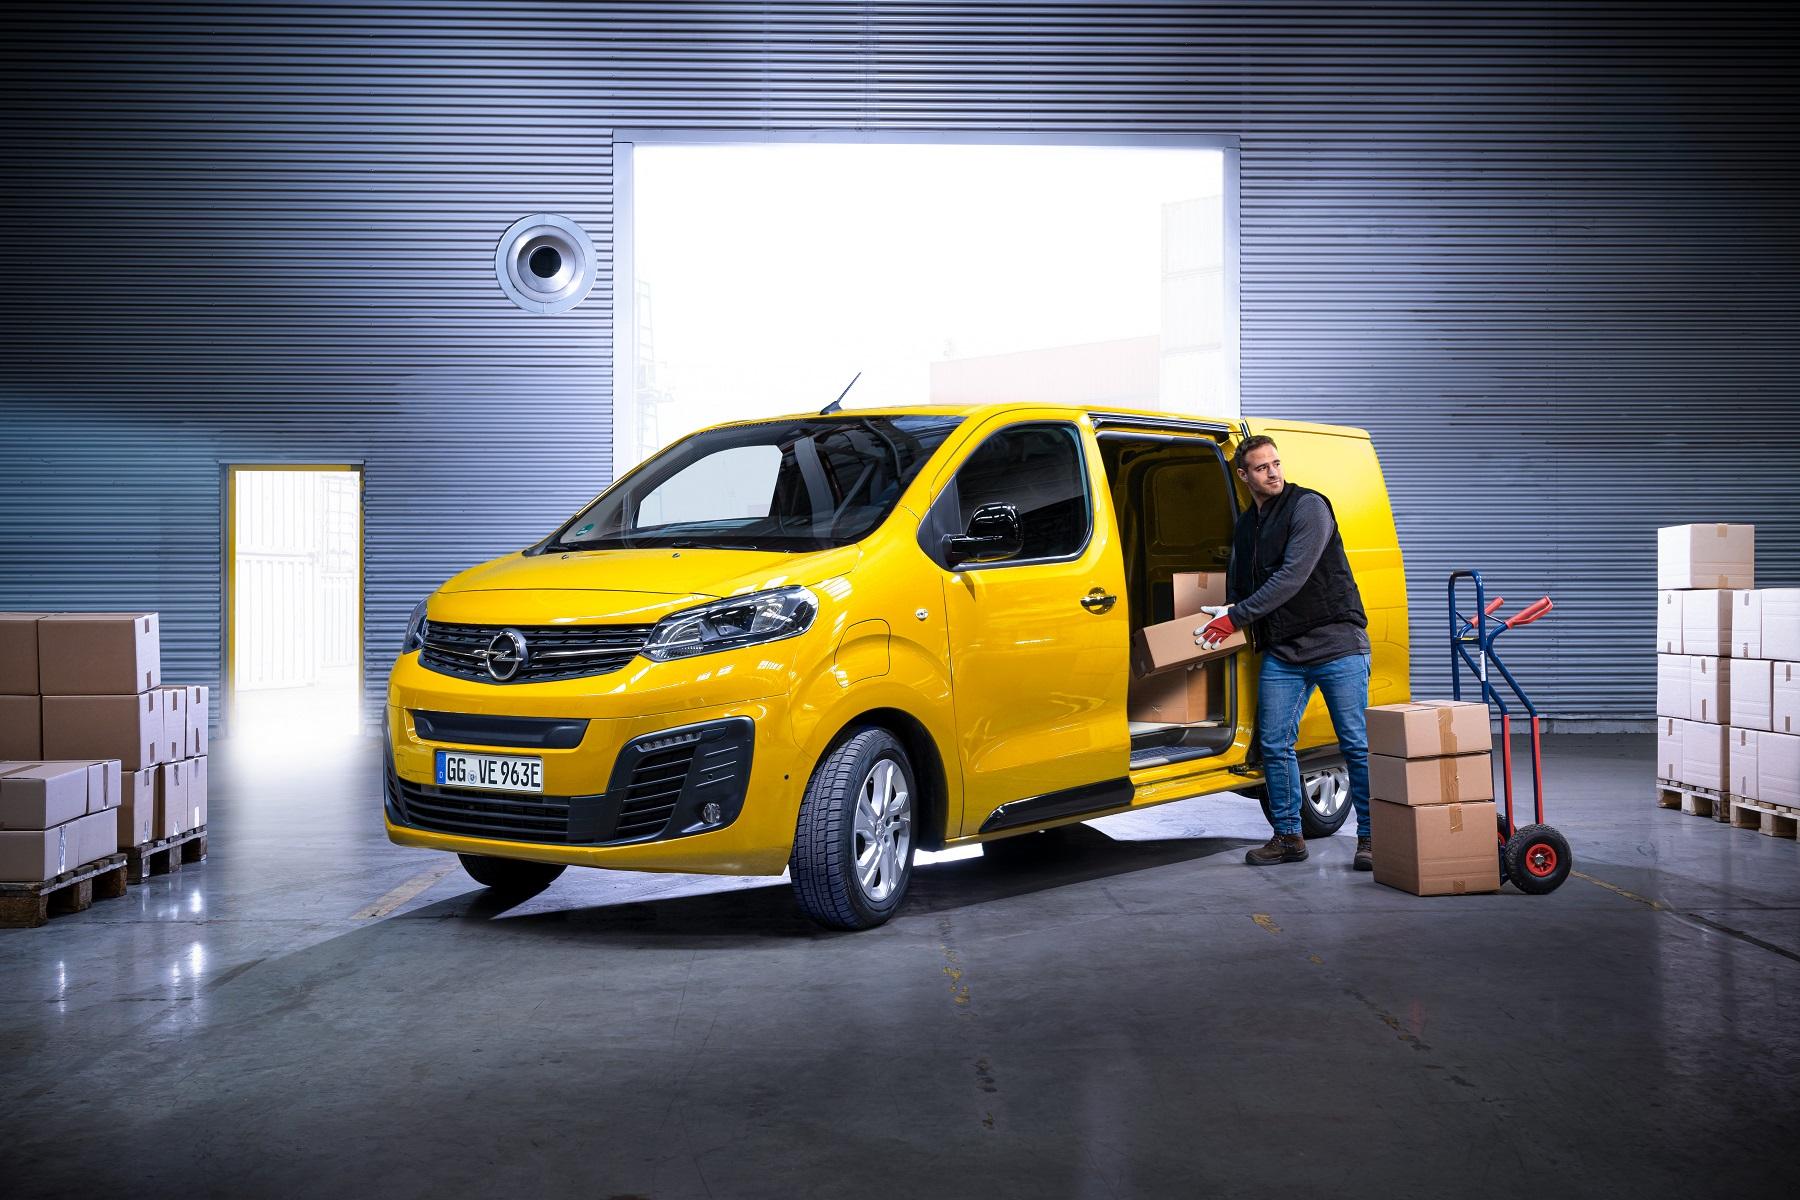 Компания British Gas заказала 2 000 новых полностью электрических фургонов Vivaro-e для своих инженеров